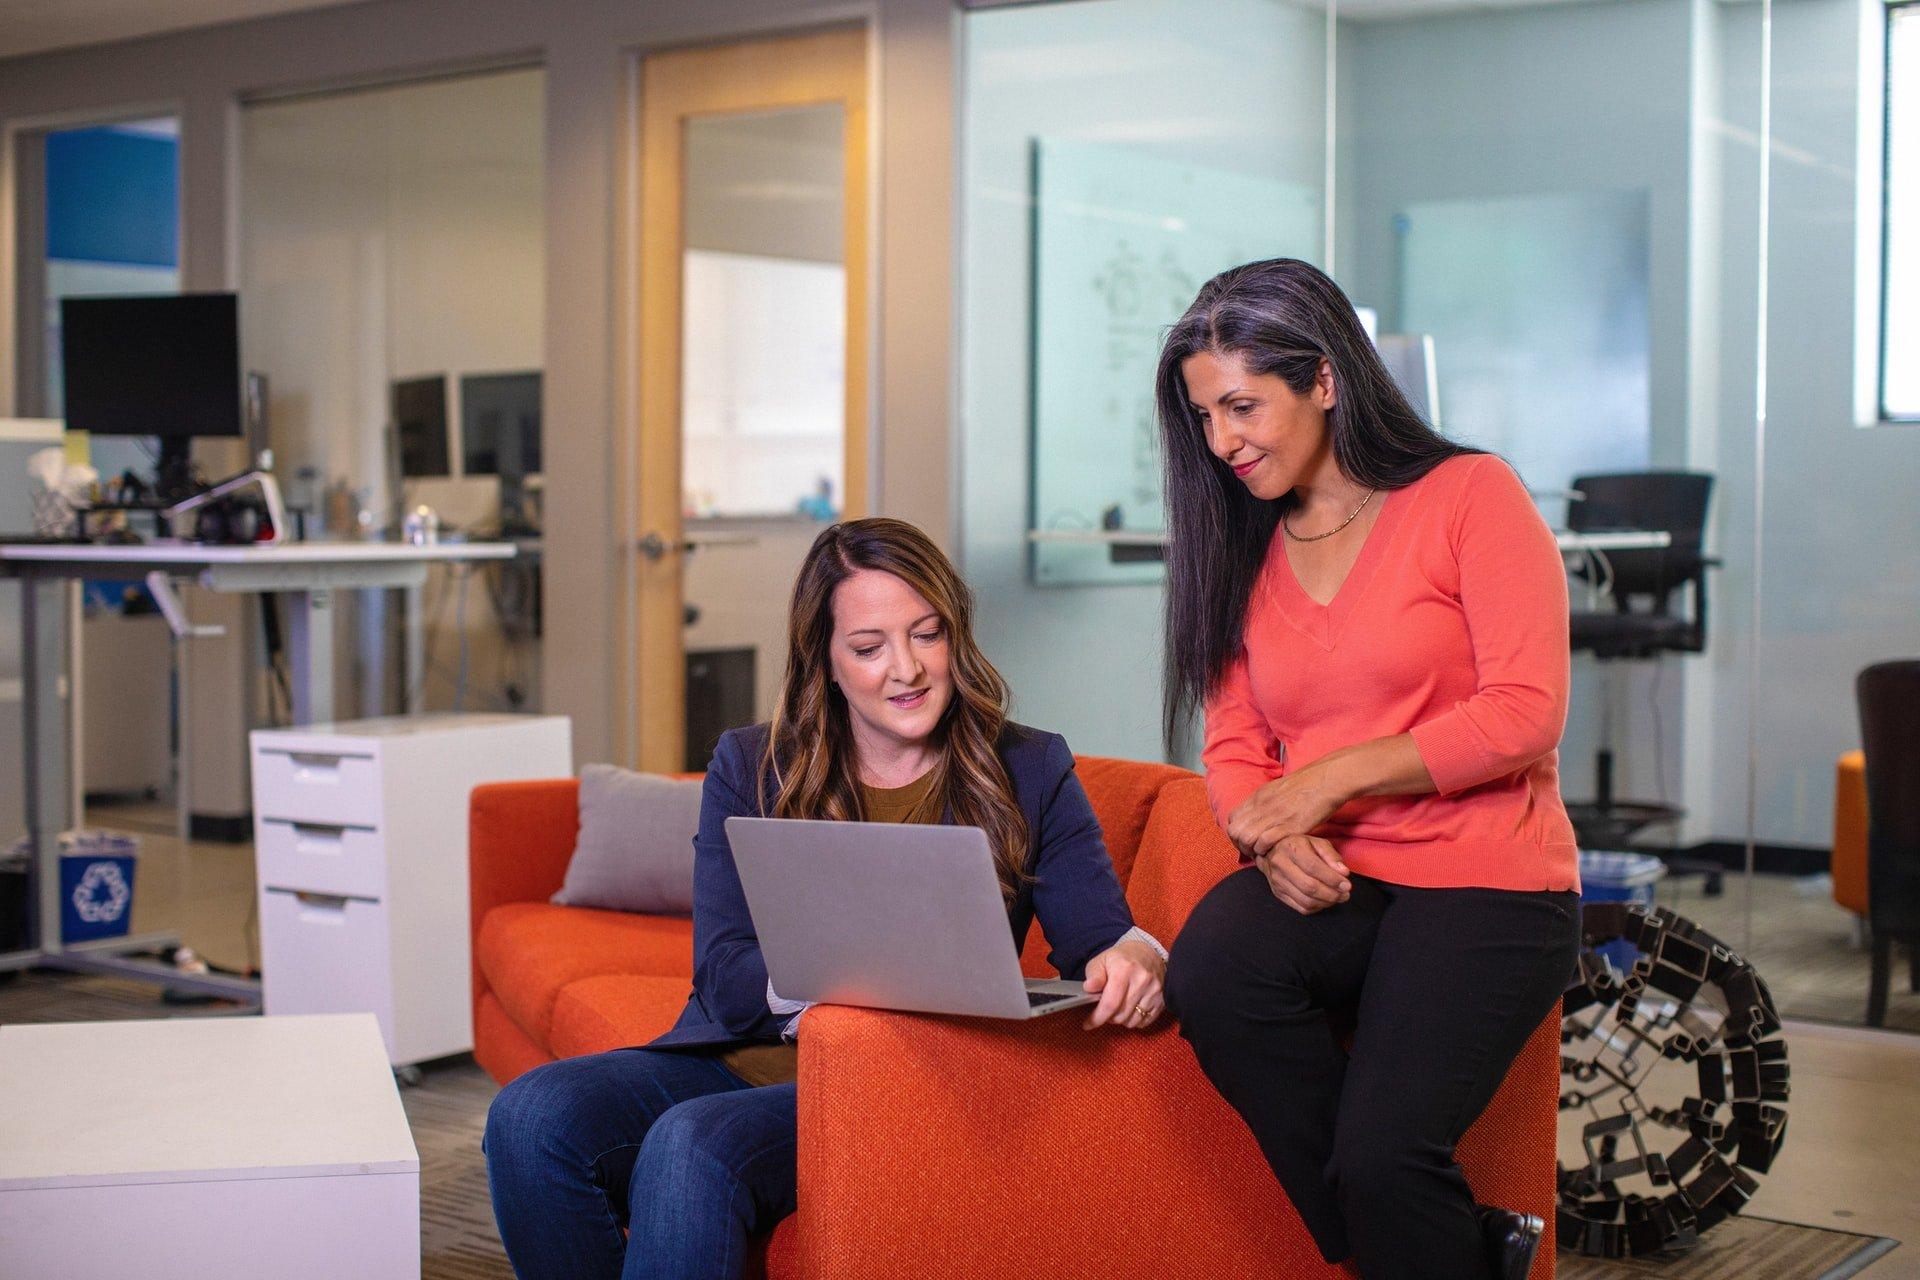 ¿Por qué un CMO part time o un Interim Marketing Manager son buenas opciones?